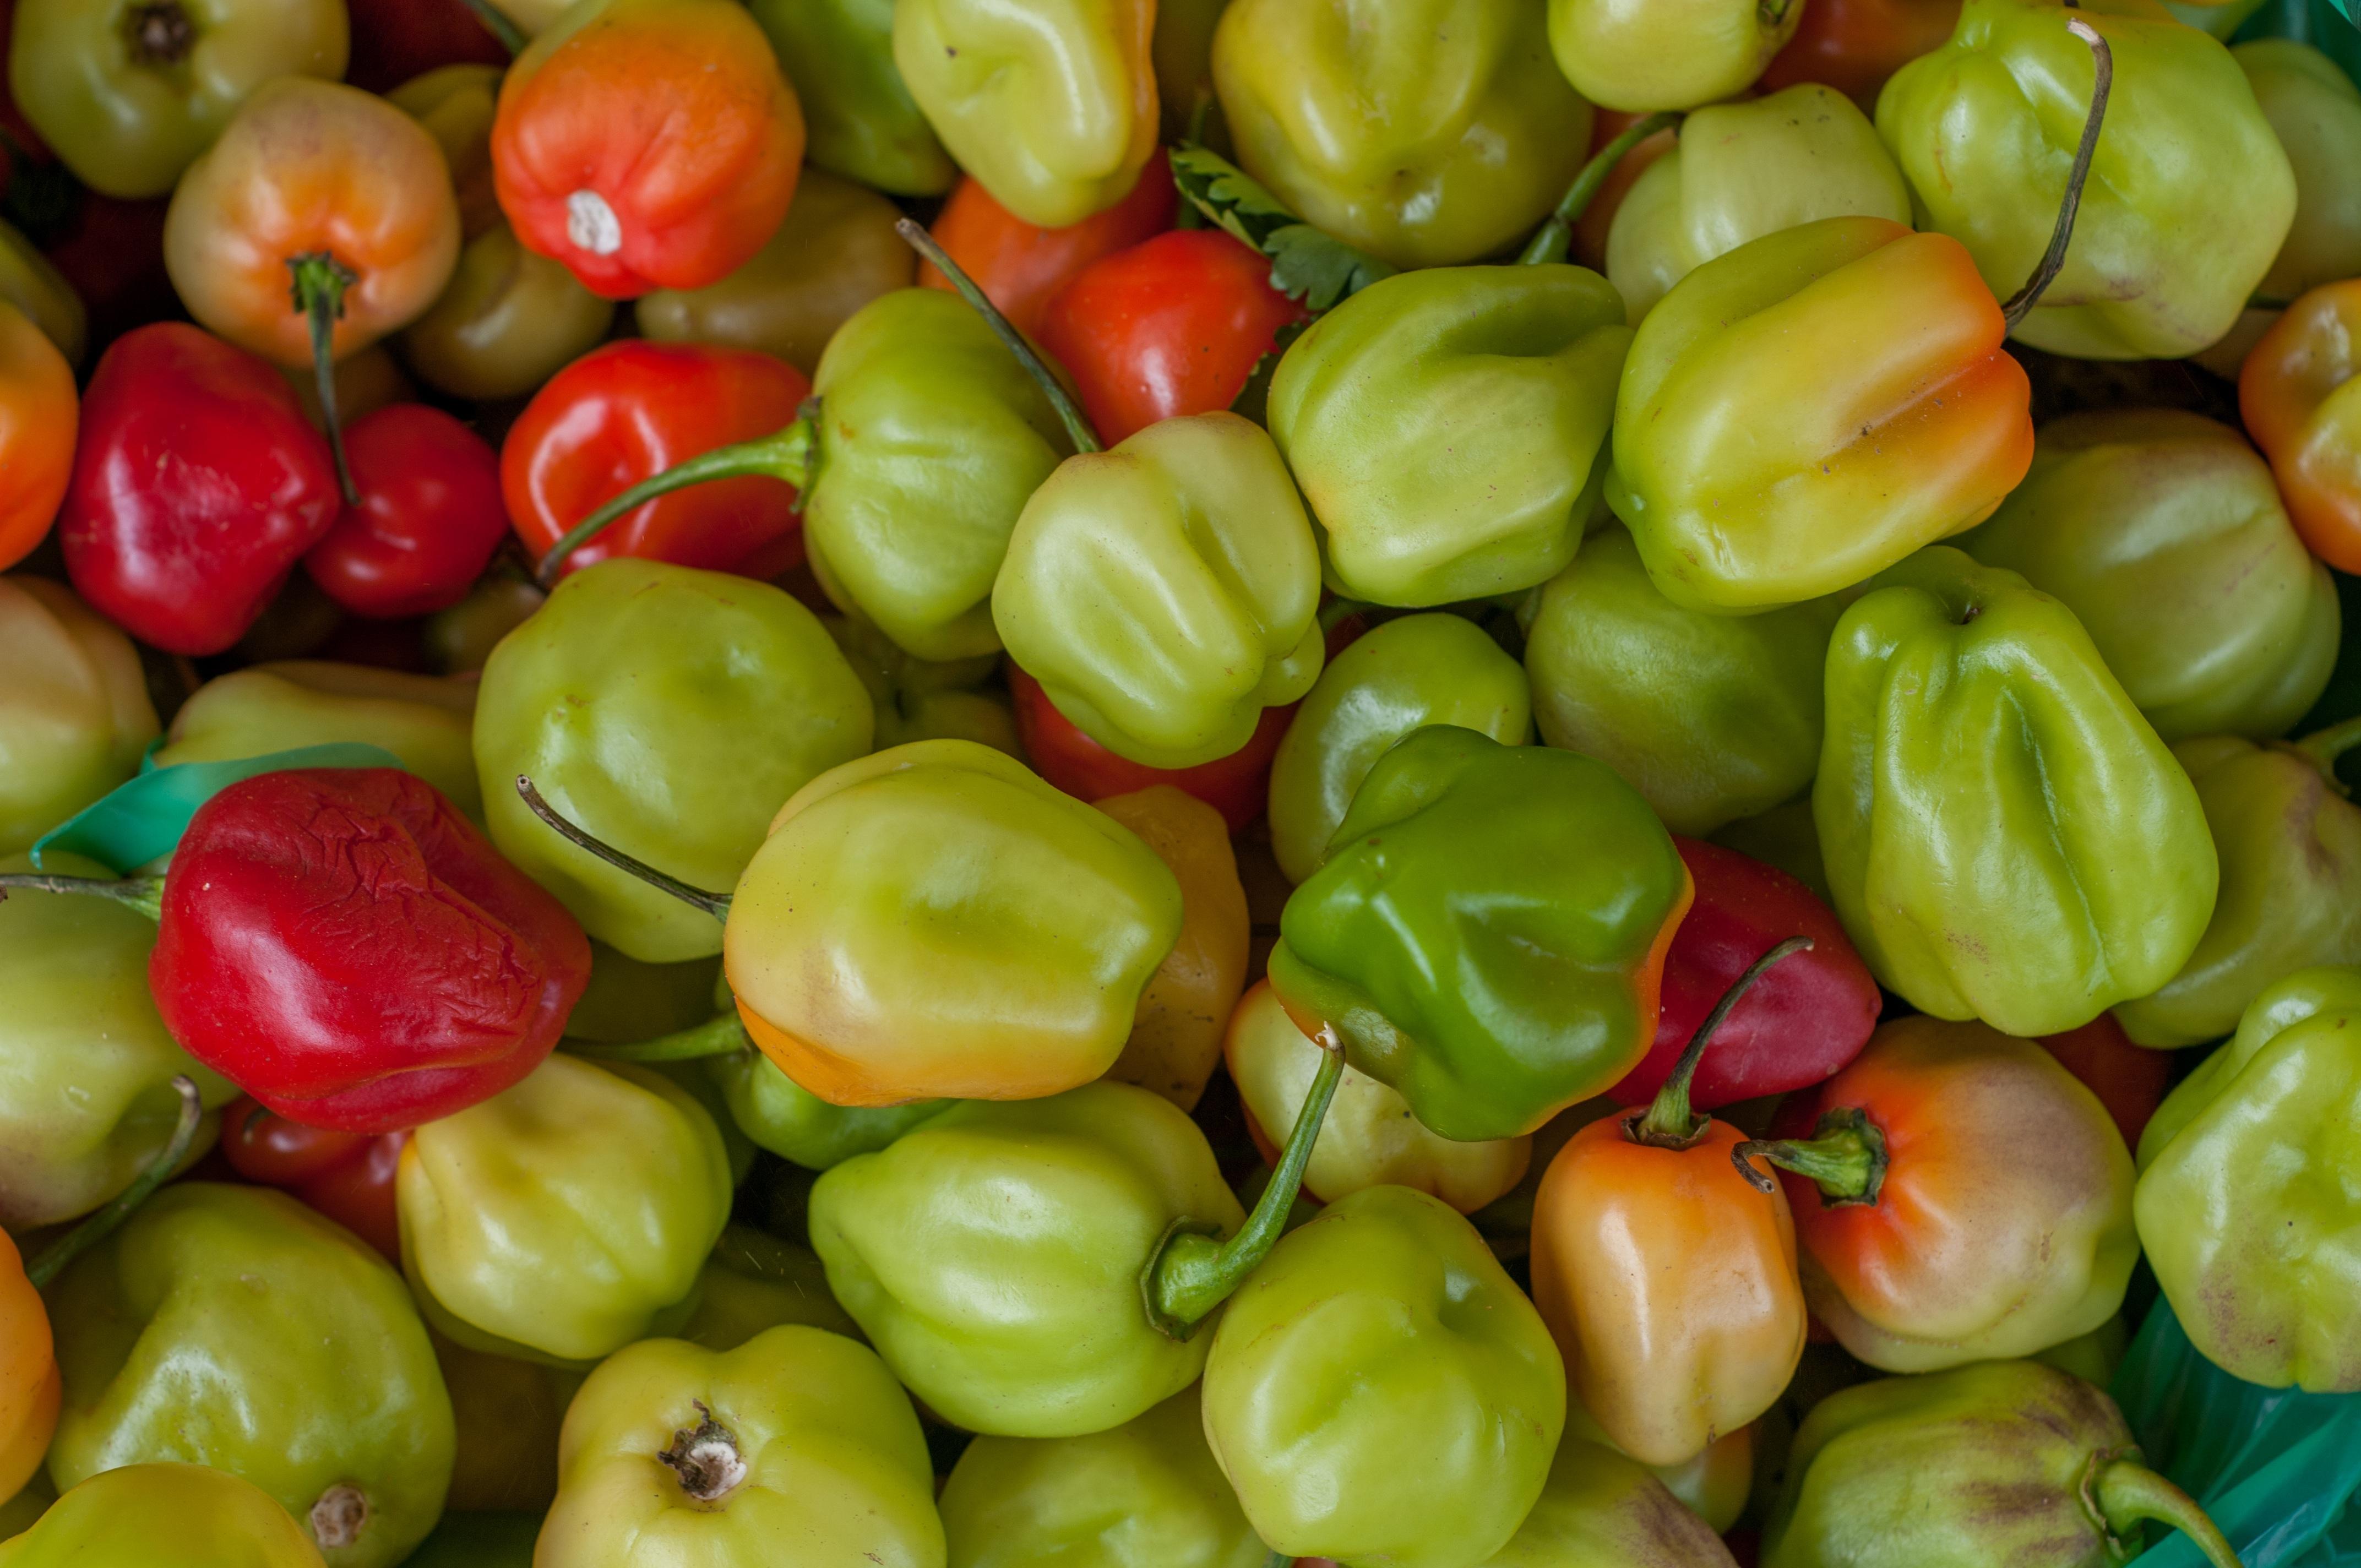 Fotos gratis : Fruta, maduro, comida, verde, chile, rojo, cocina ...